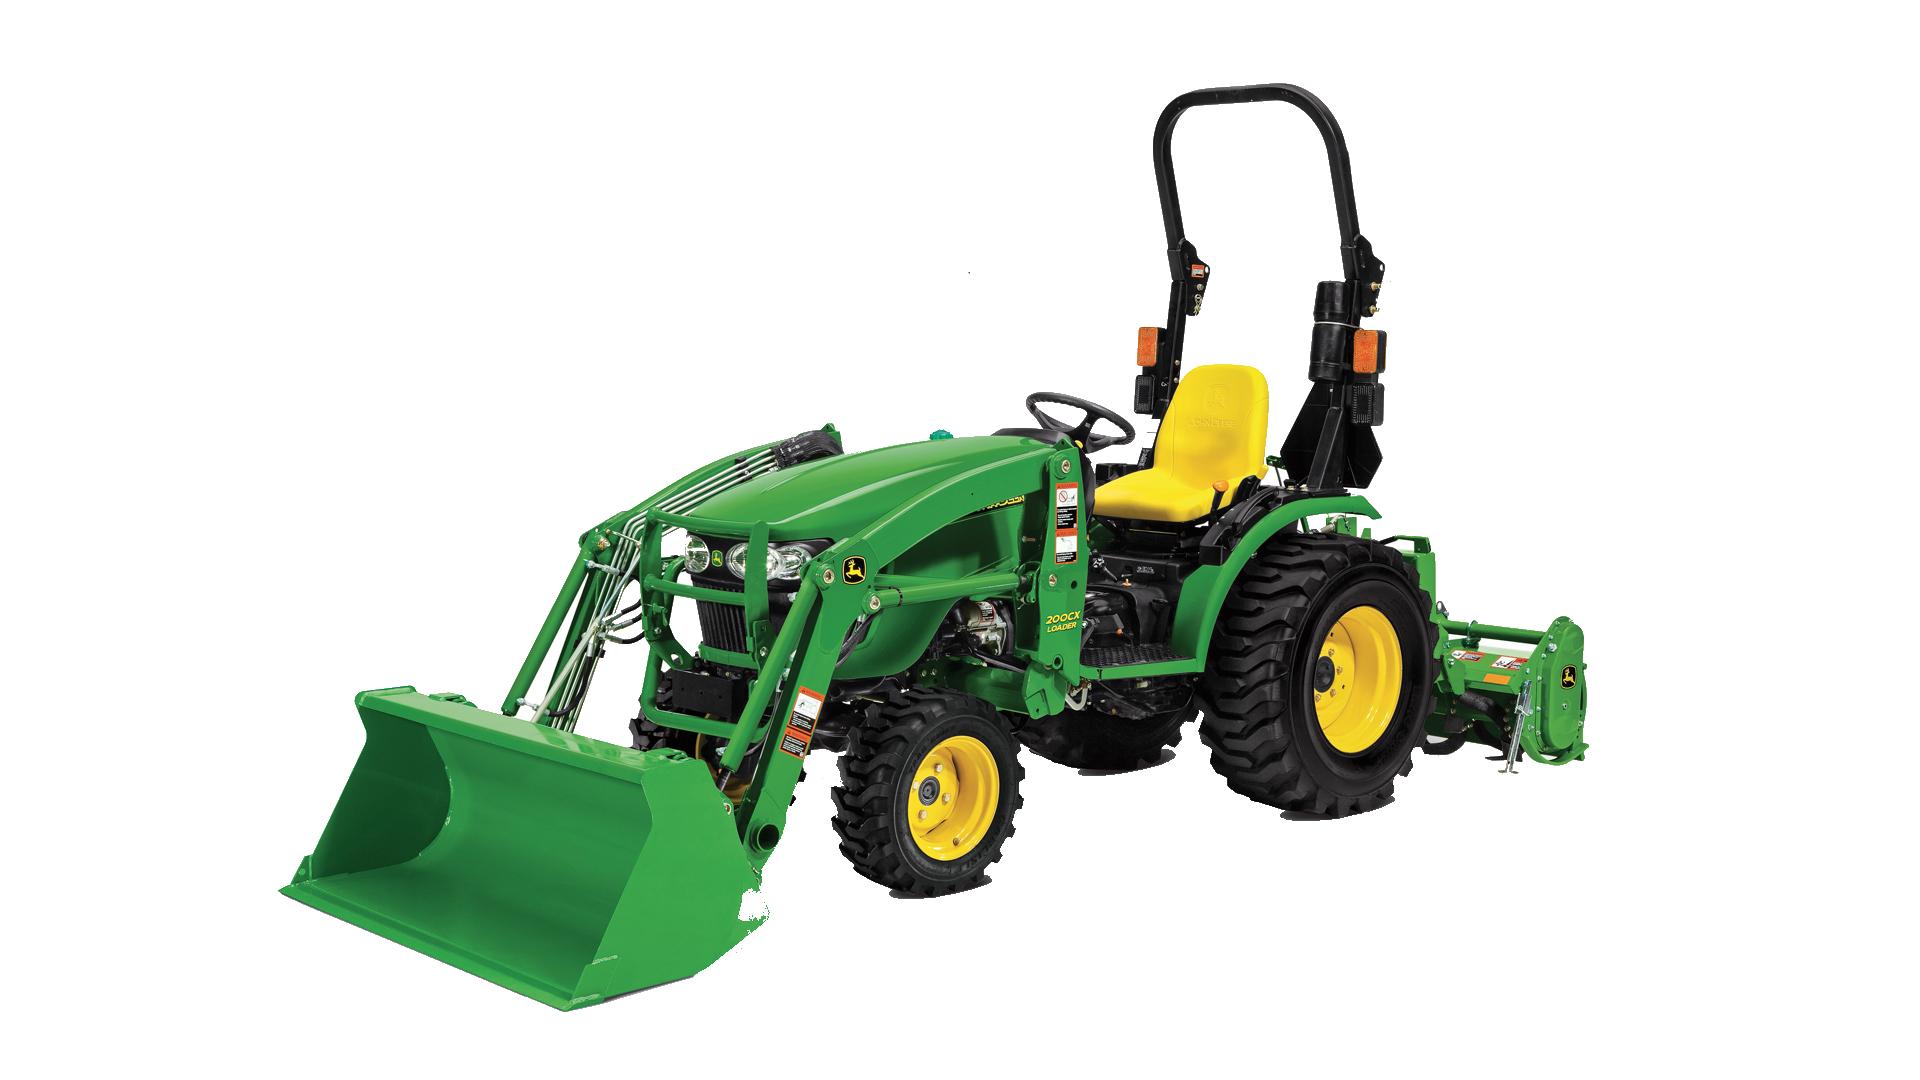 Tractores Sub-compactos